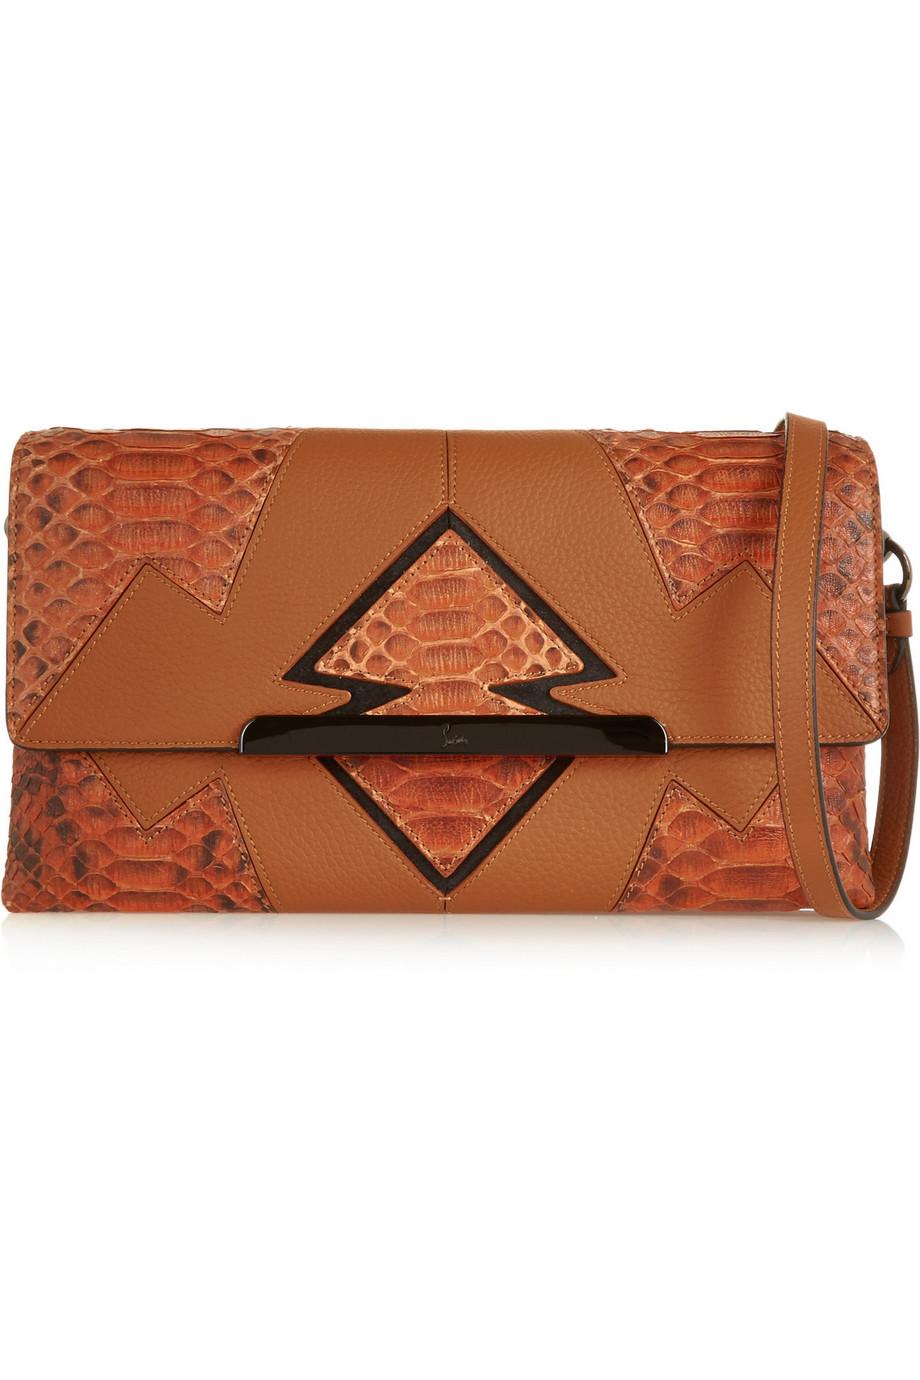 Christian Louboutin Rougissime Arizona Python-Paneled Textured-Leather Clutch, Tan, Women's